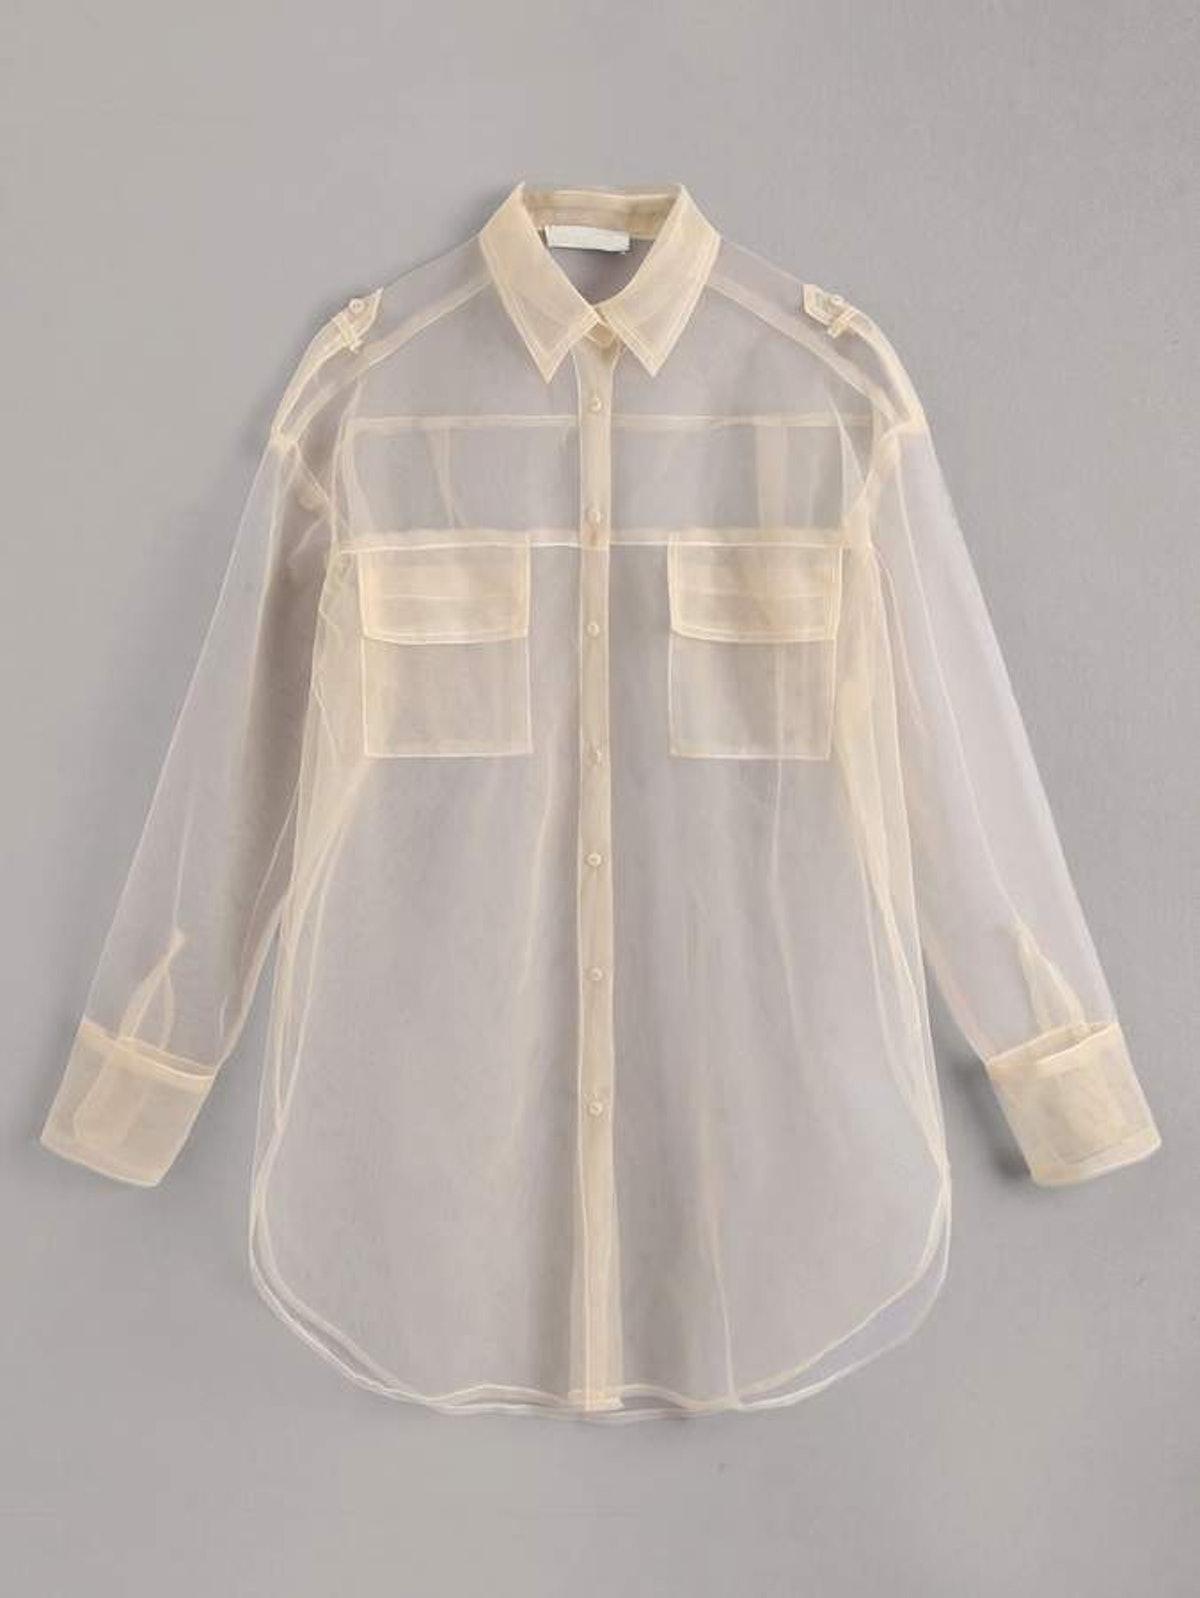 Organza Pocket Front Sheer Blouse